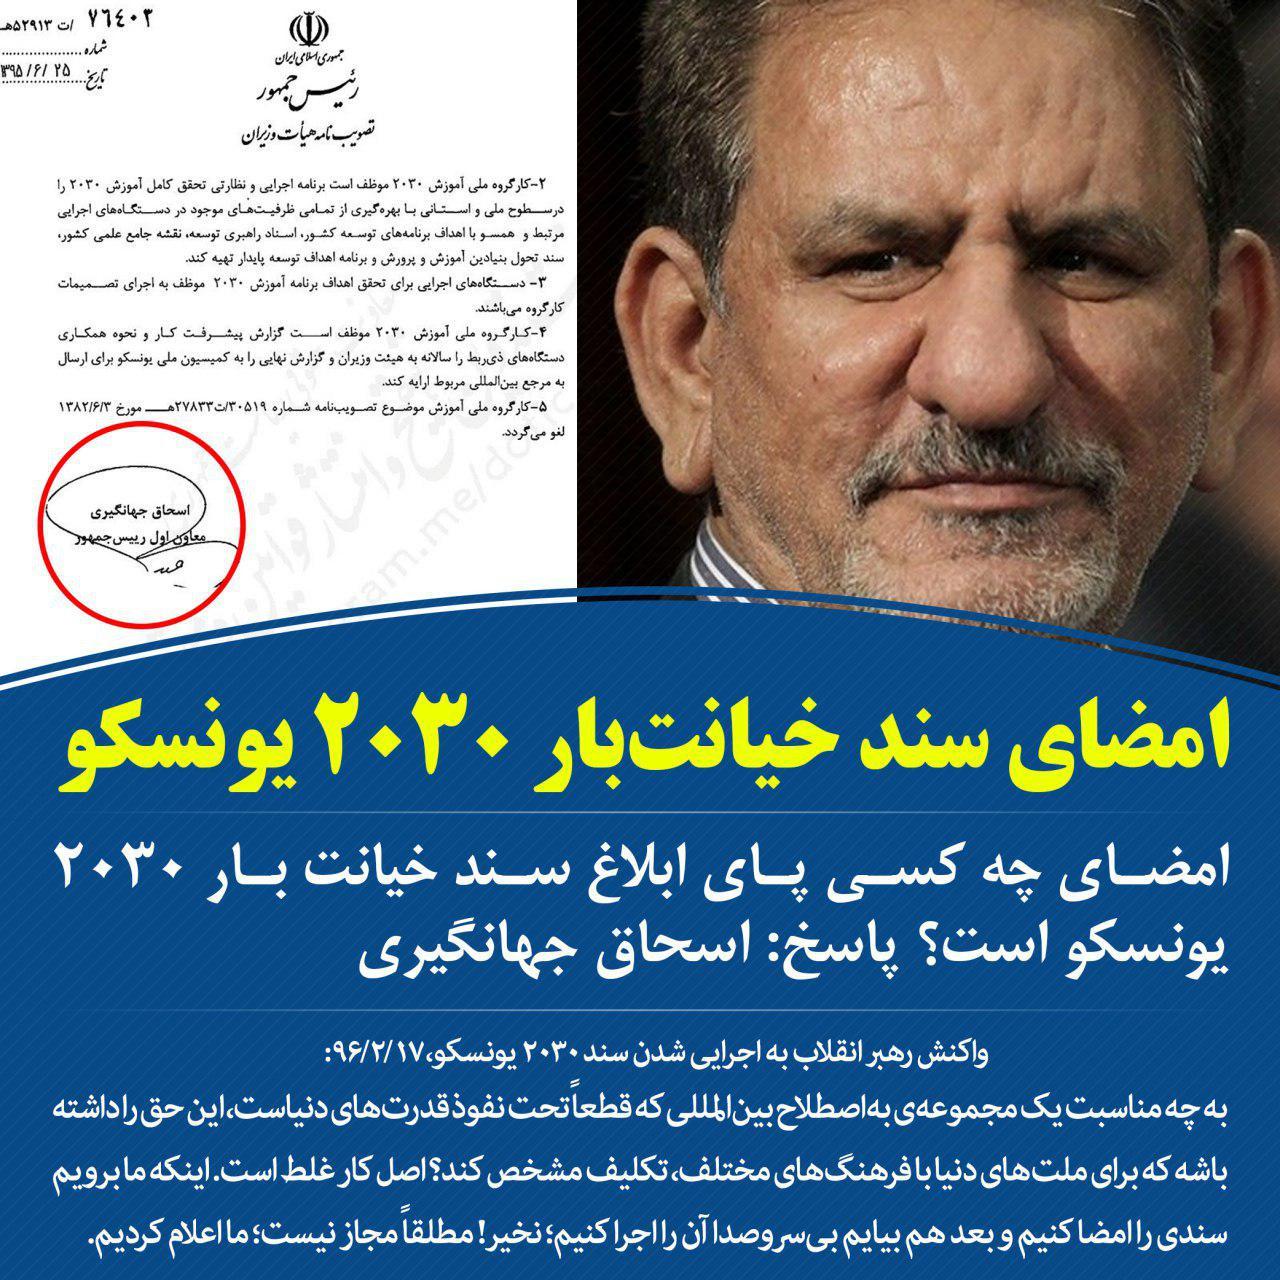 http://basirat.ir/files/fa/news/1398/2/12/